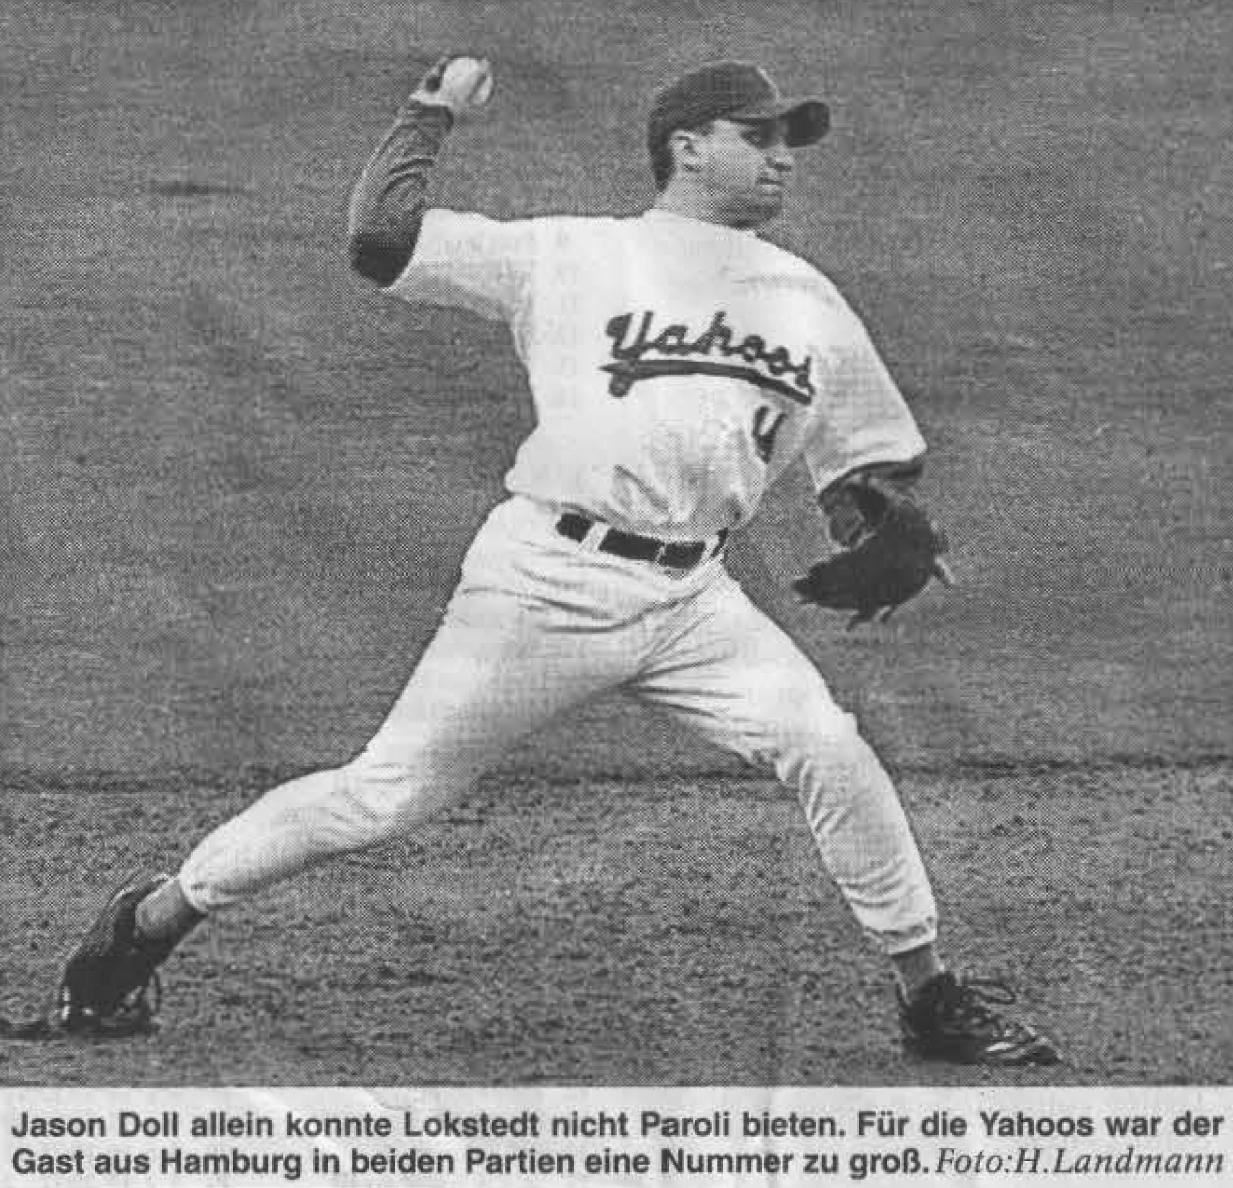 Jason Doll allein konnte Lokstedt nicht Paroli bieten. Für die Yahoos war der Gast aus Hamburg in beiden Partien eine Nummer zu groß. Foto: H. Landmann